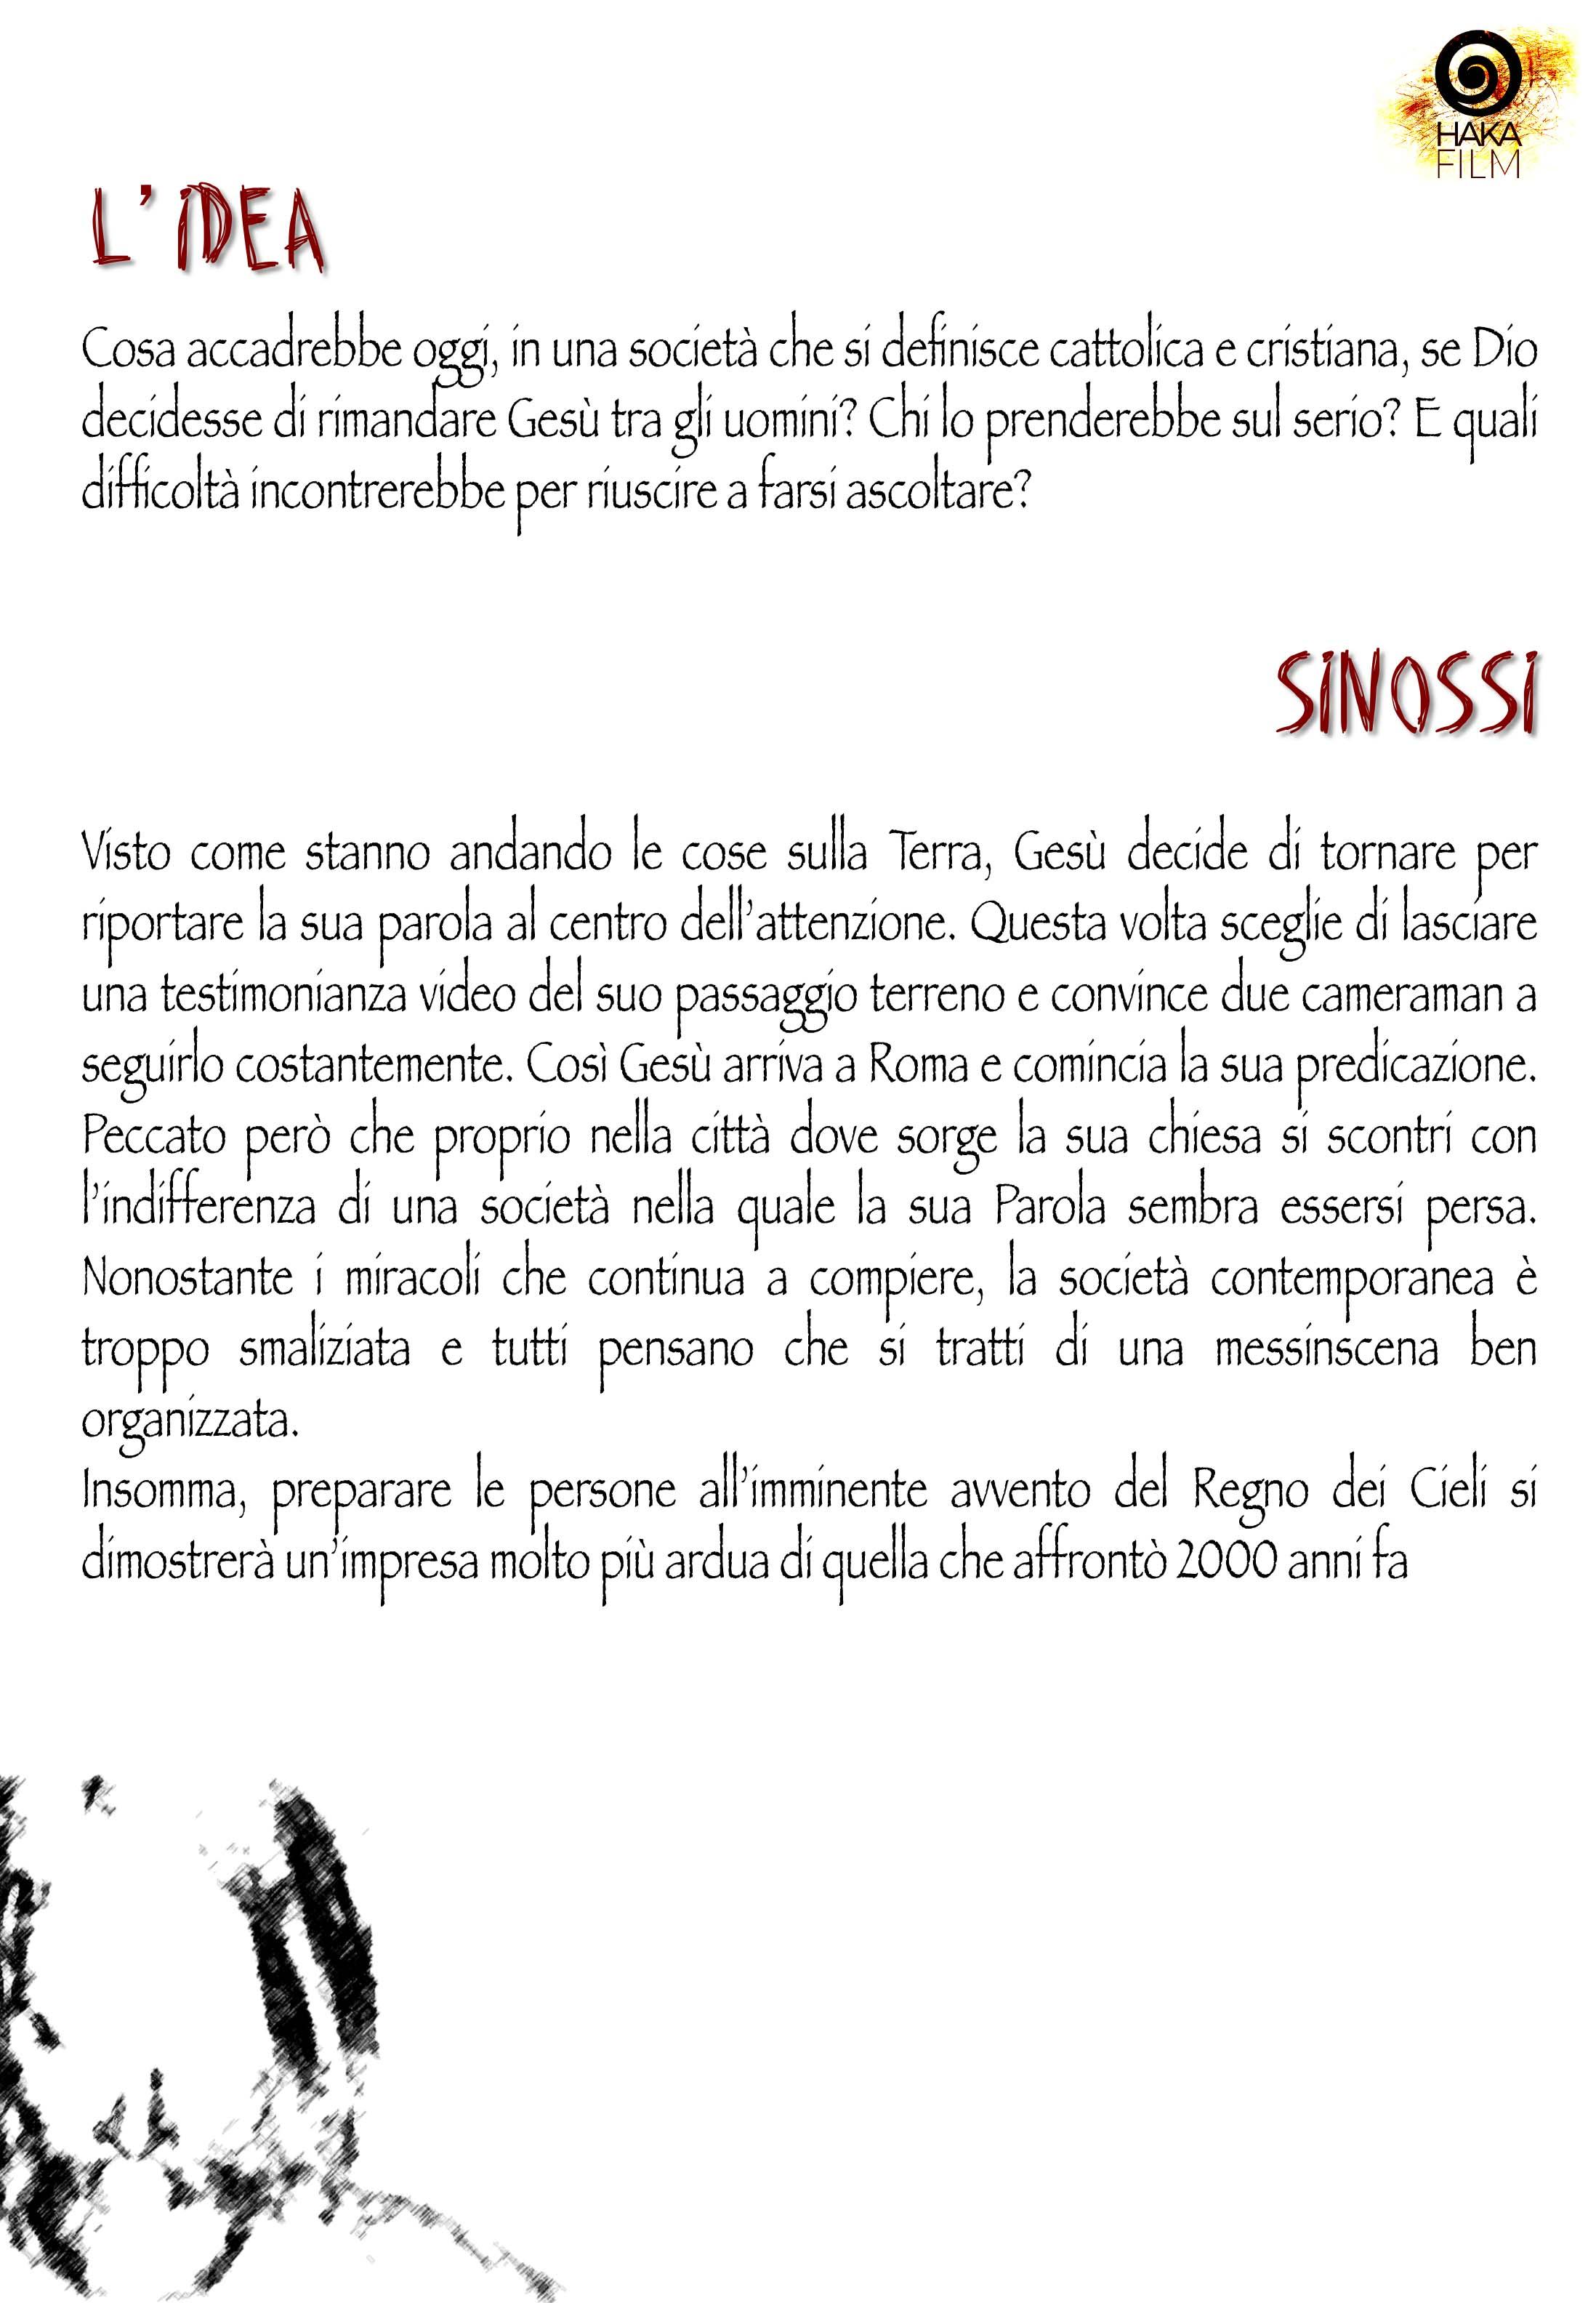 omd_pressbook-5